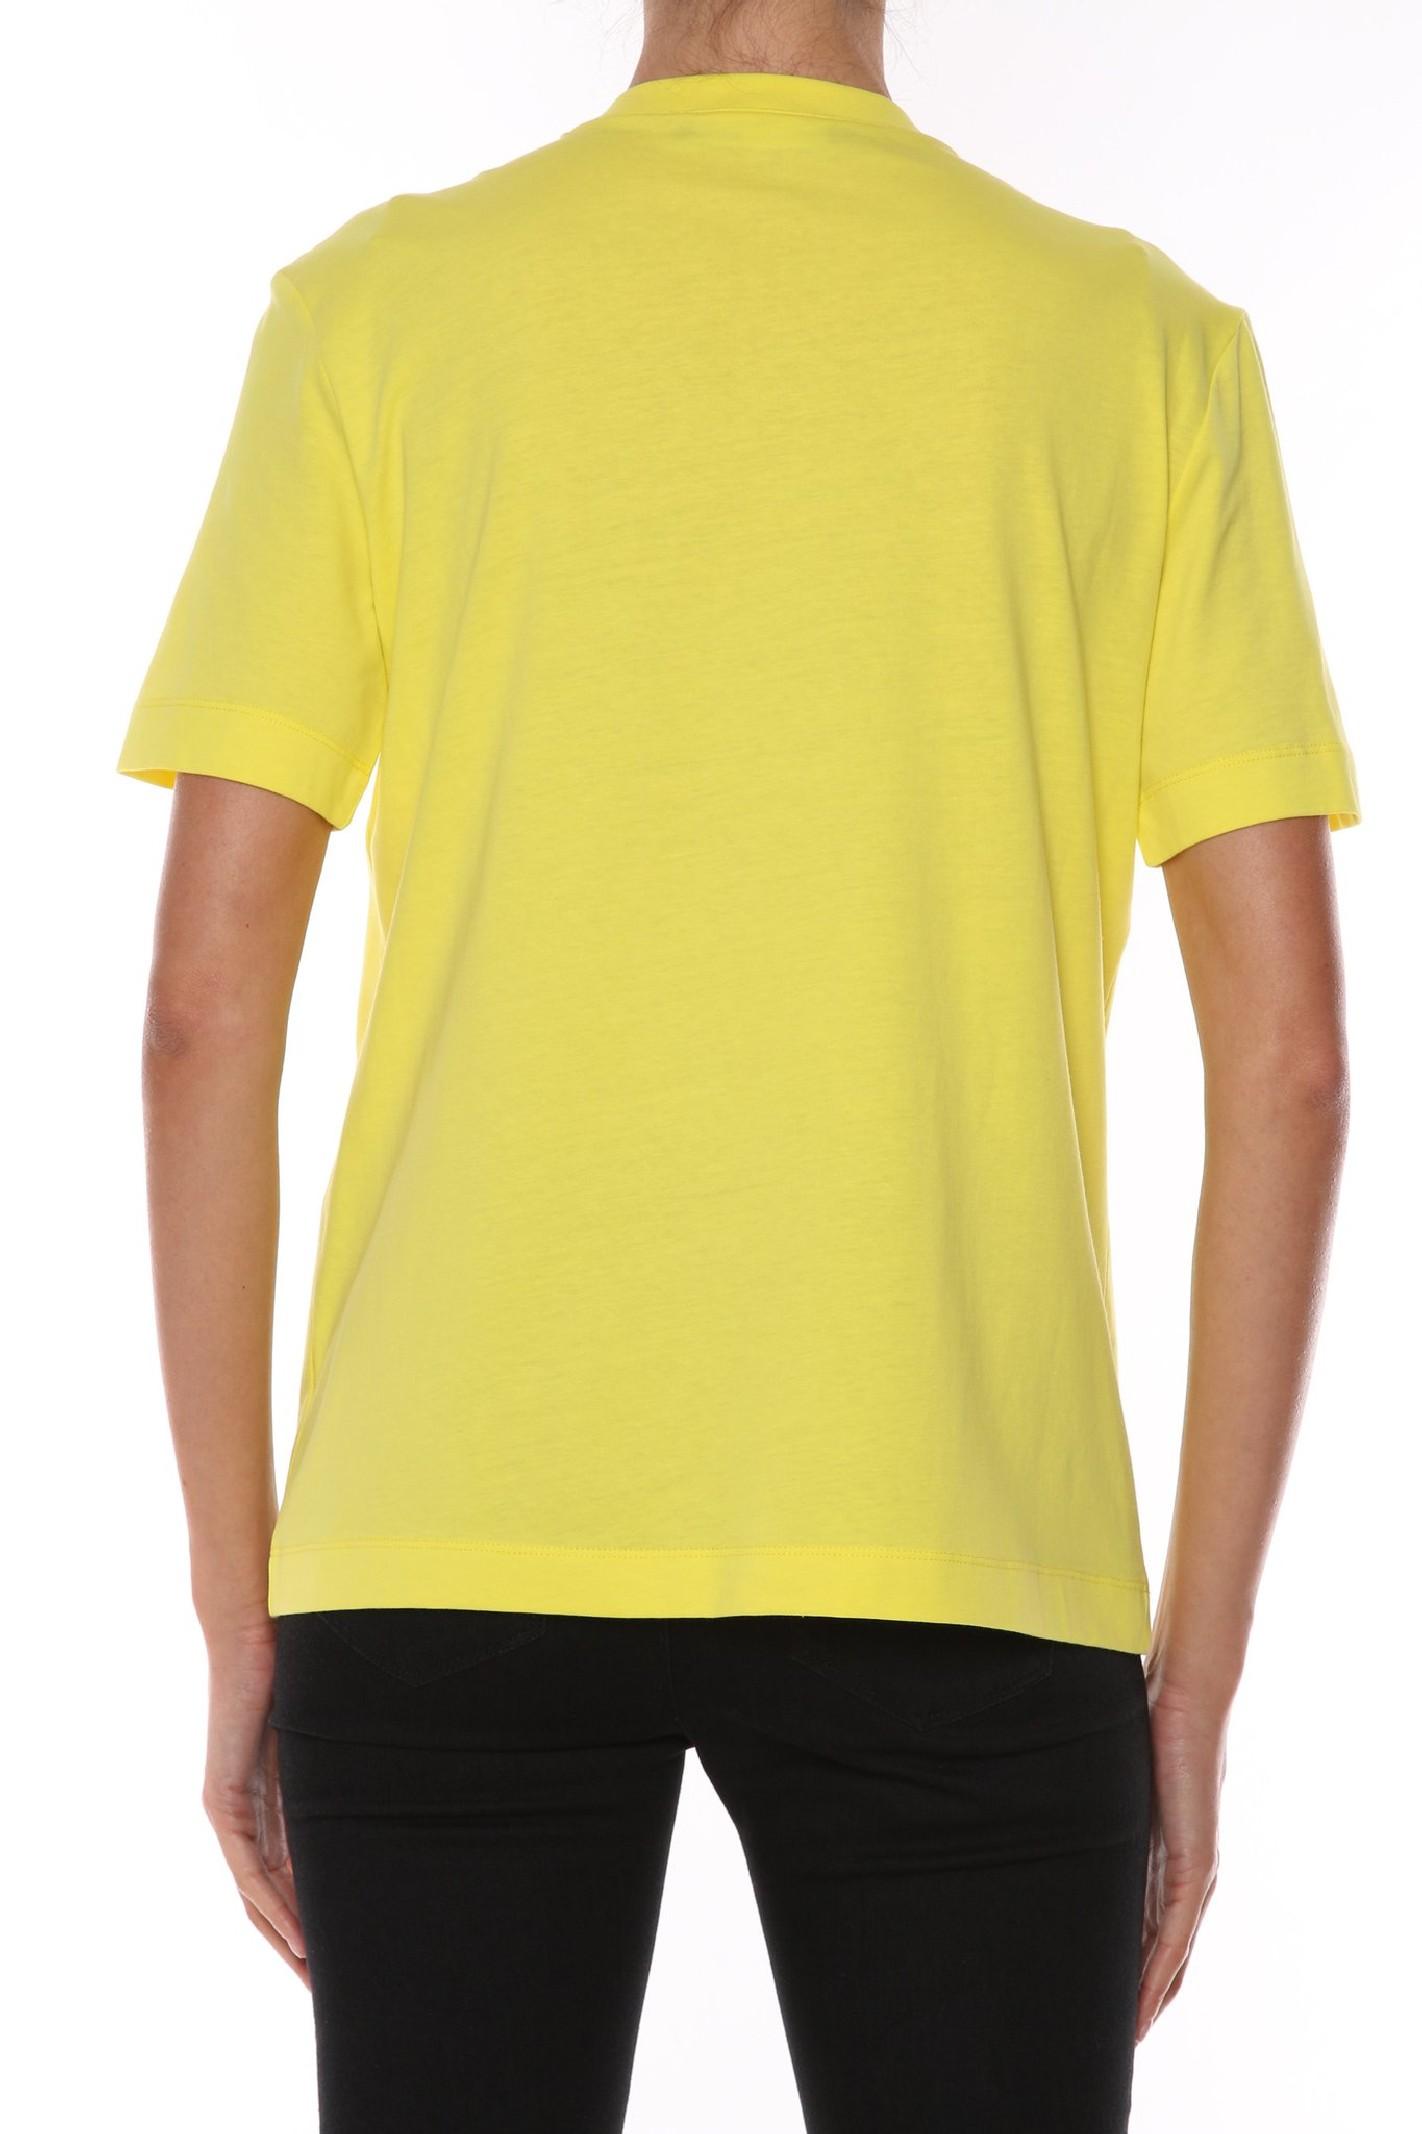 MOSCHINO LOVE | T-shirt | W 4 H06 05 M 3876H84